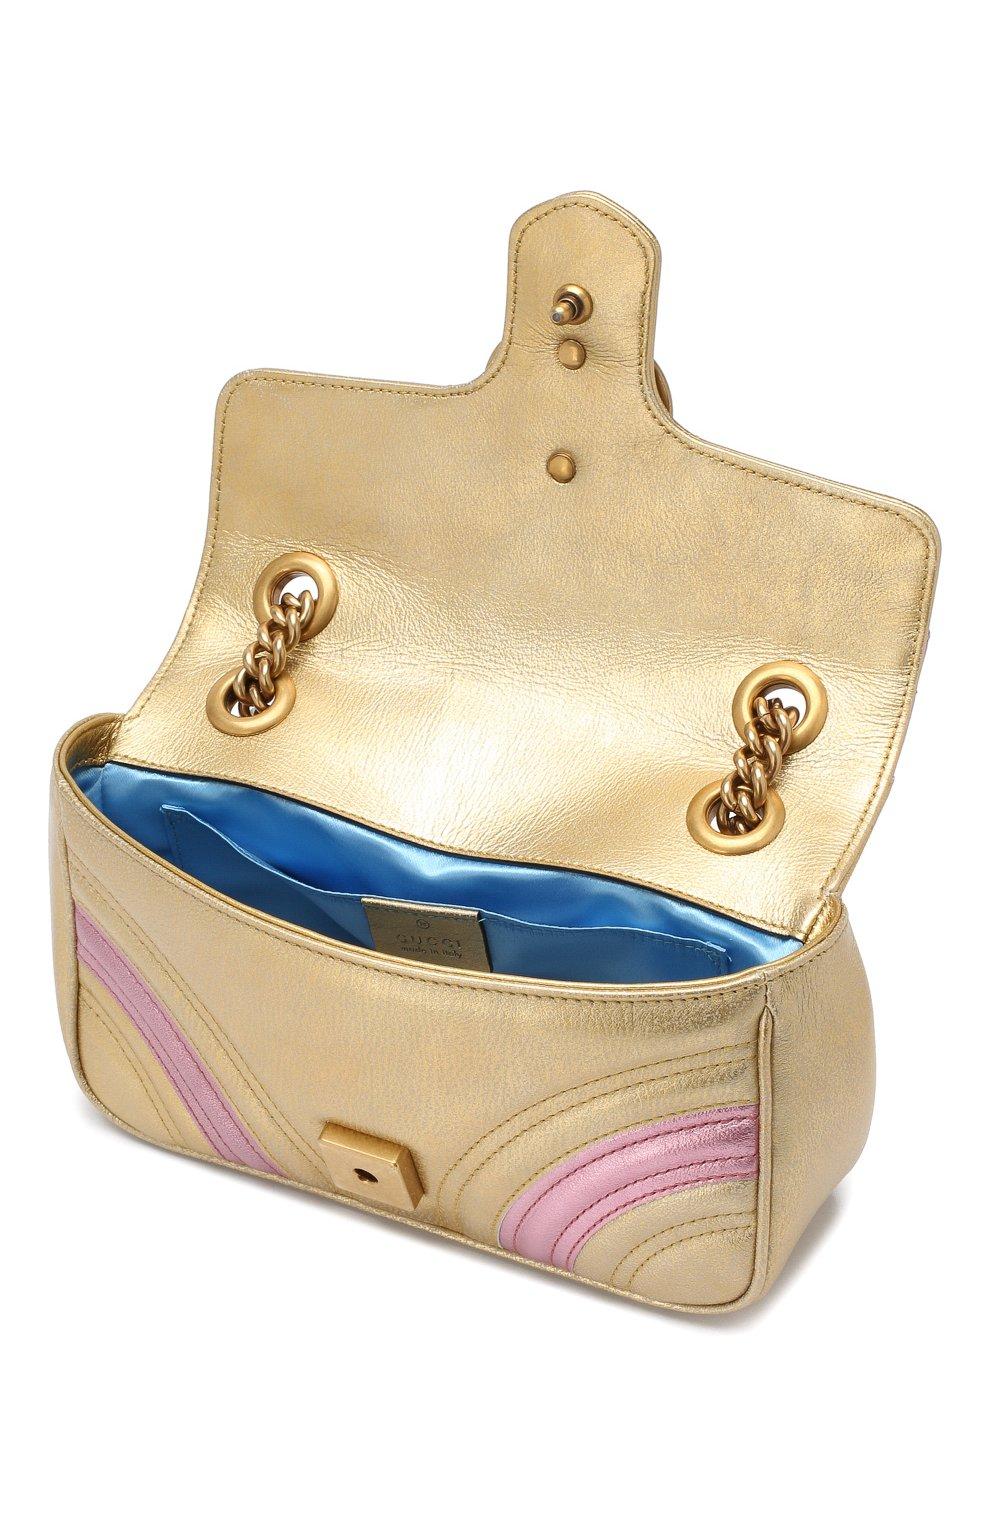 Сумка GG Marmont mini  Gucci золотая цвета   Фото №4